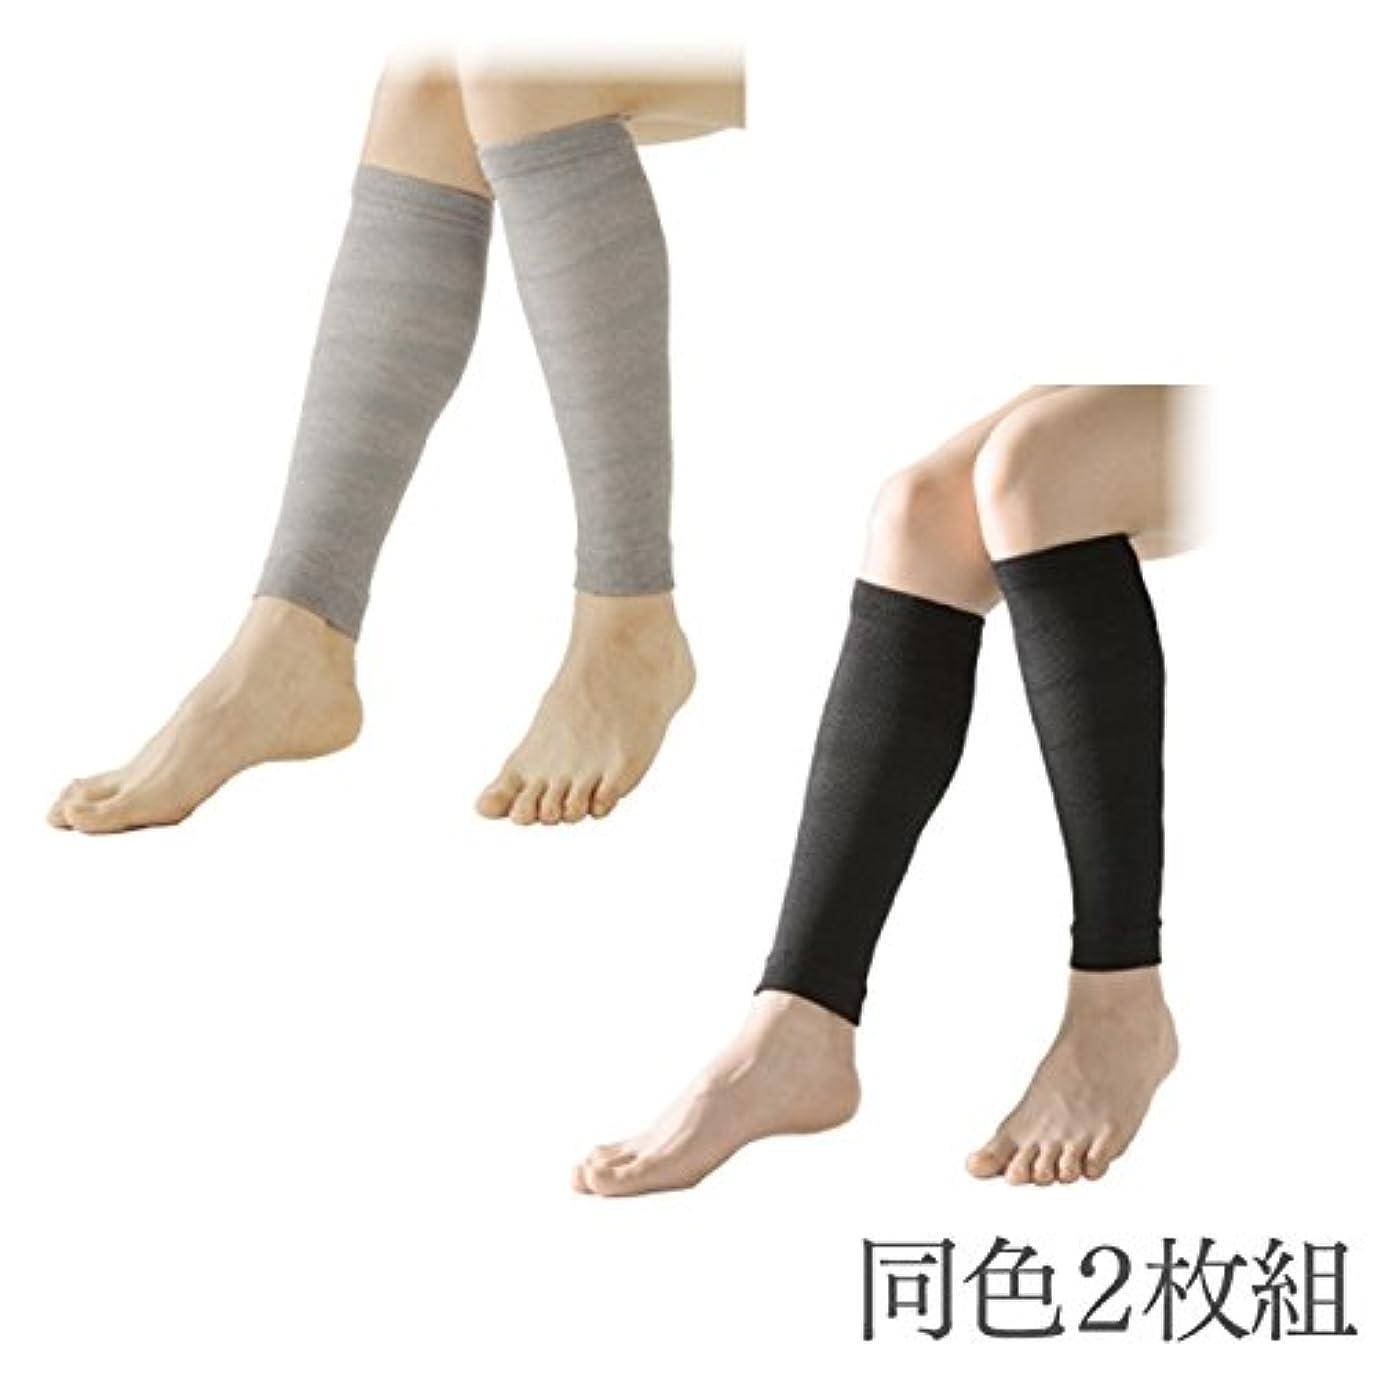 透過性チャーター個人的な着圧ソックス 足のむくみ 靴下 むくみ解消 着圧ふくらはぎサポーター 2枚組(グレー)